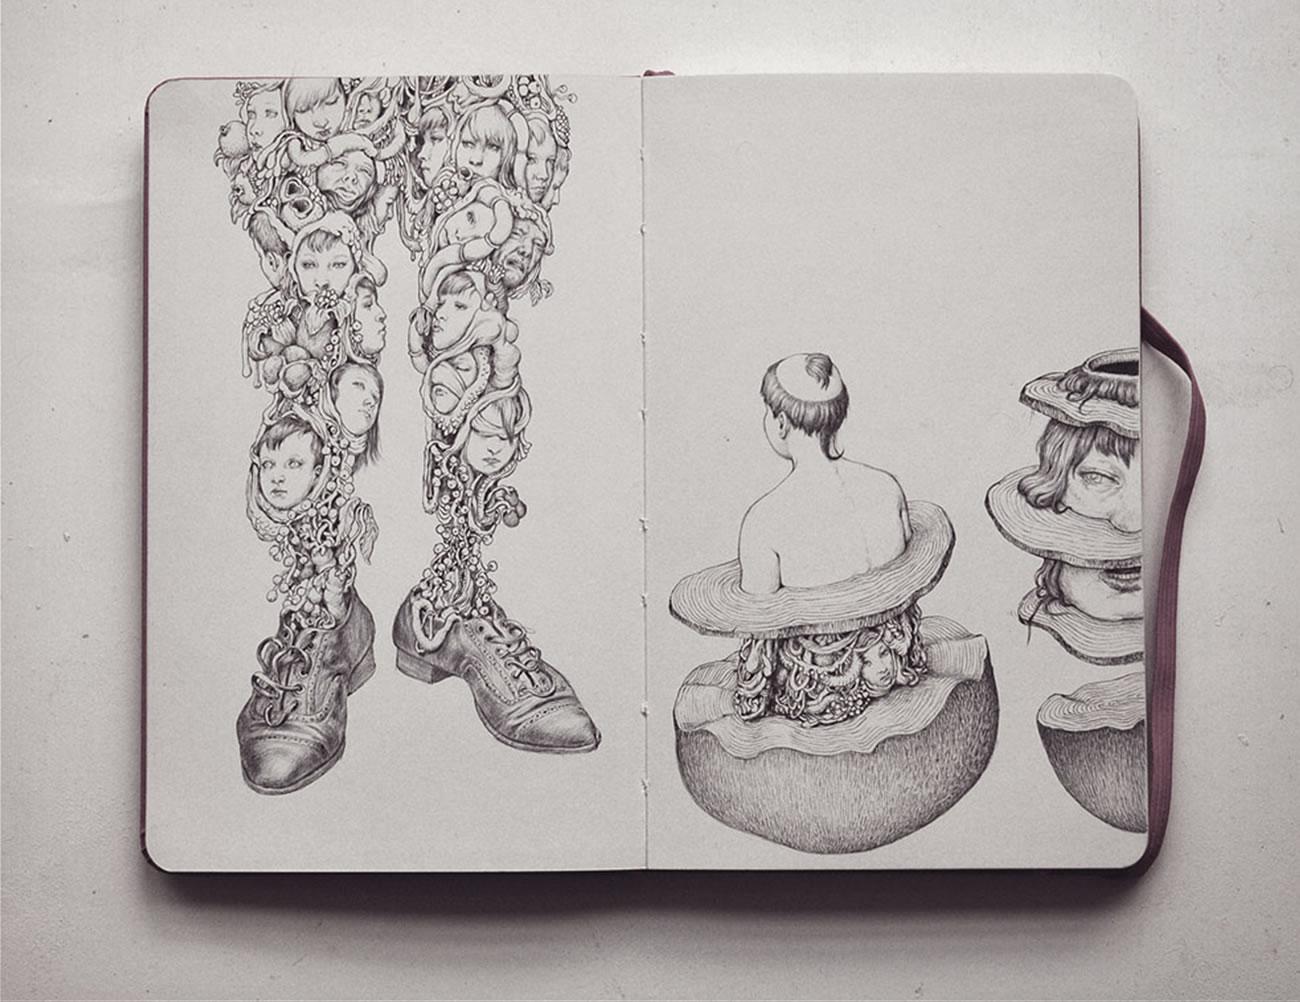 sketchbook drawing by anton vill 10